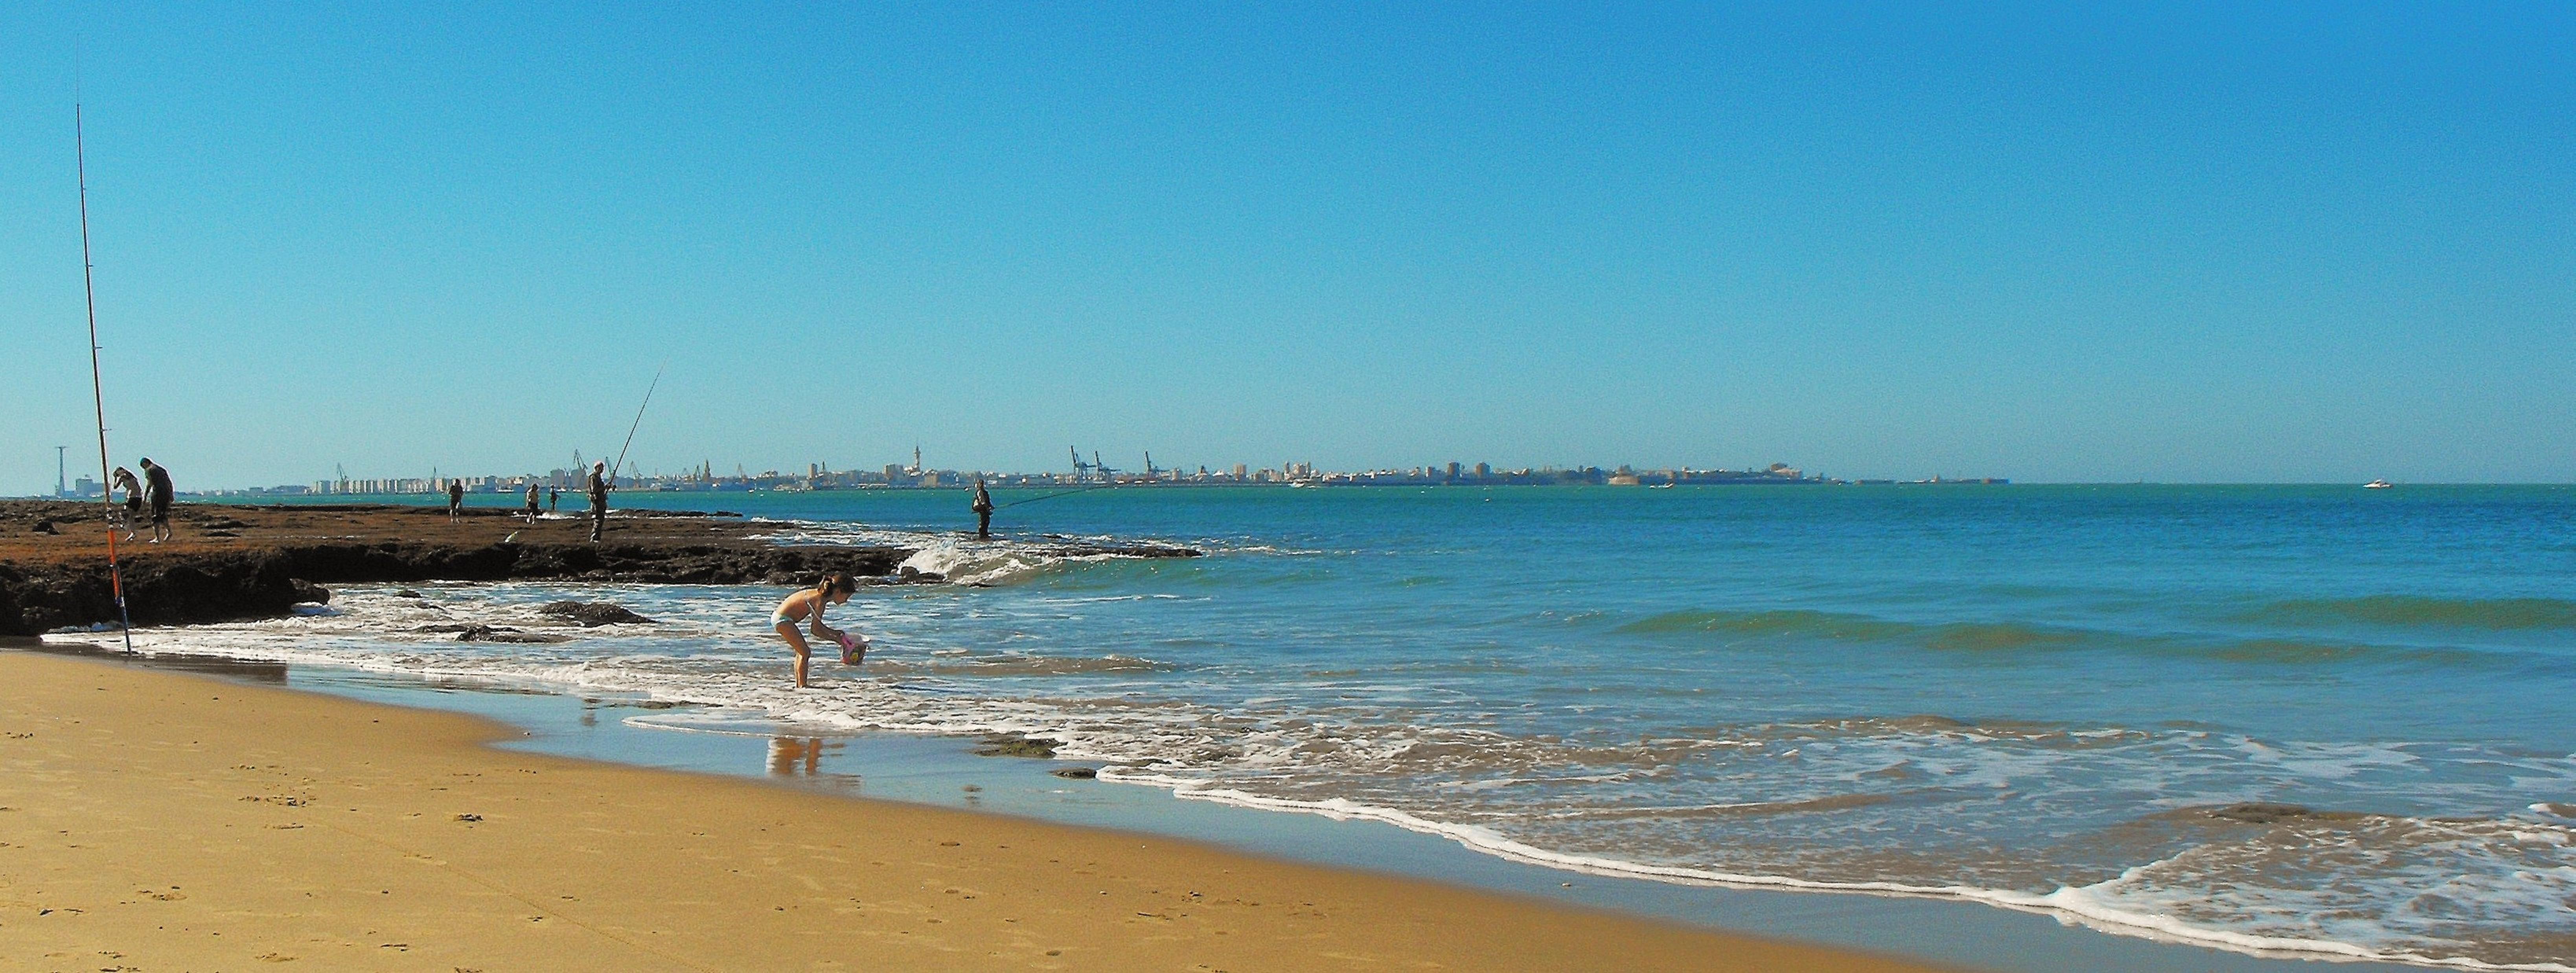 Foto playa Santa Catalina / Vistahermosa. **_Tanta vida ,como mar por delante_**